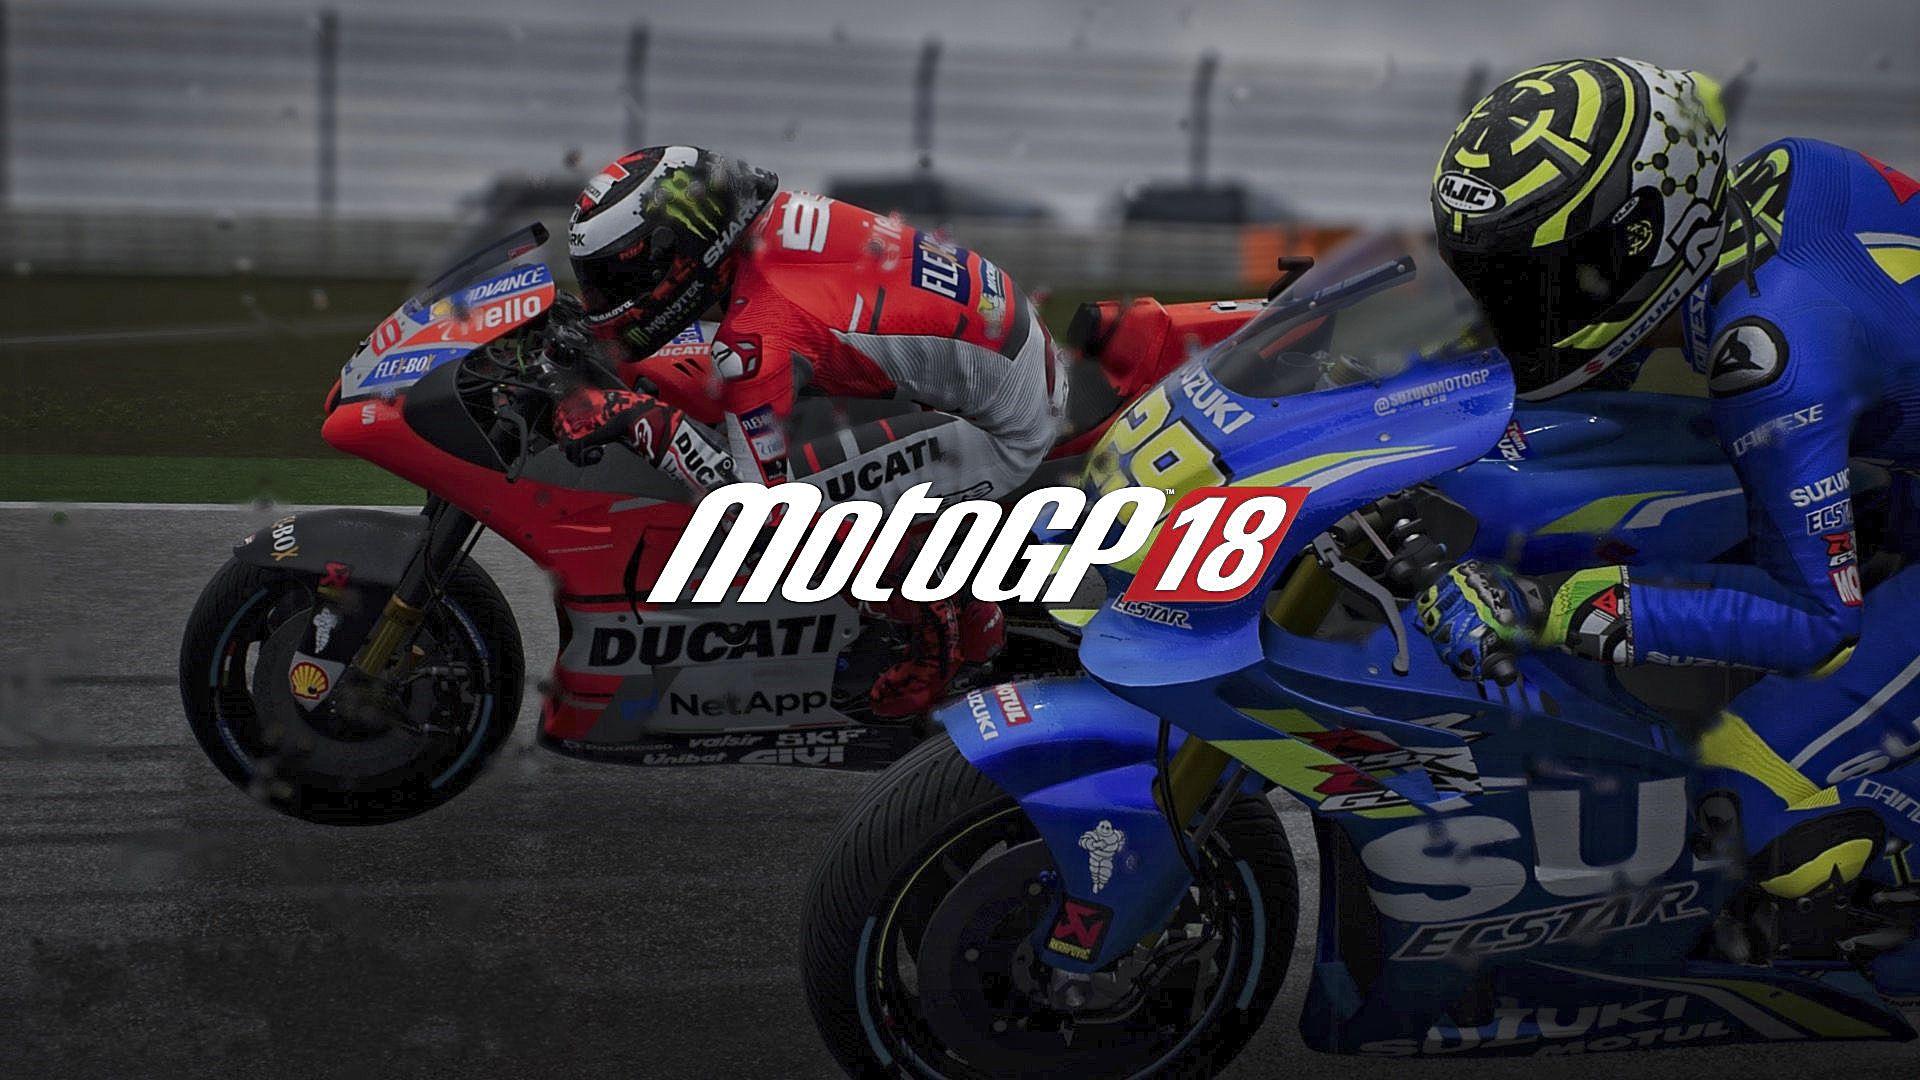 MotoGP 18 Sistem Gereksinimleri